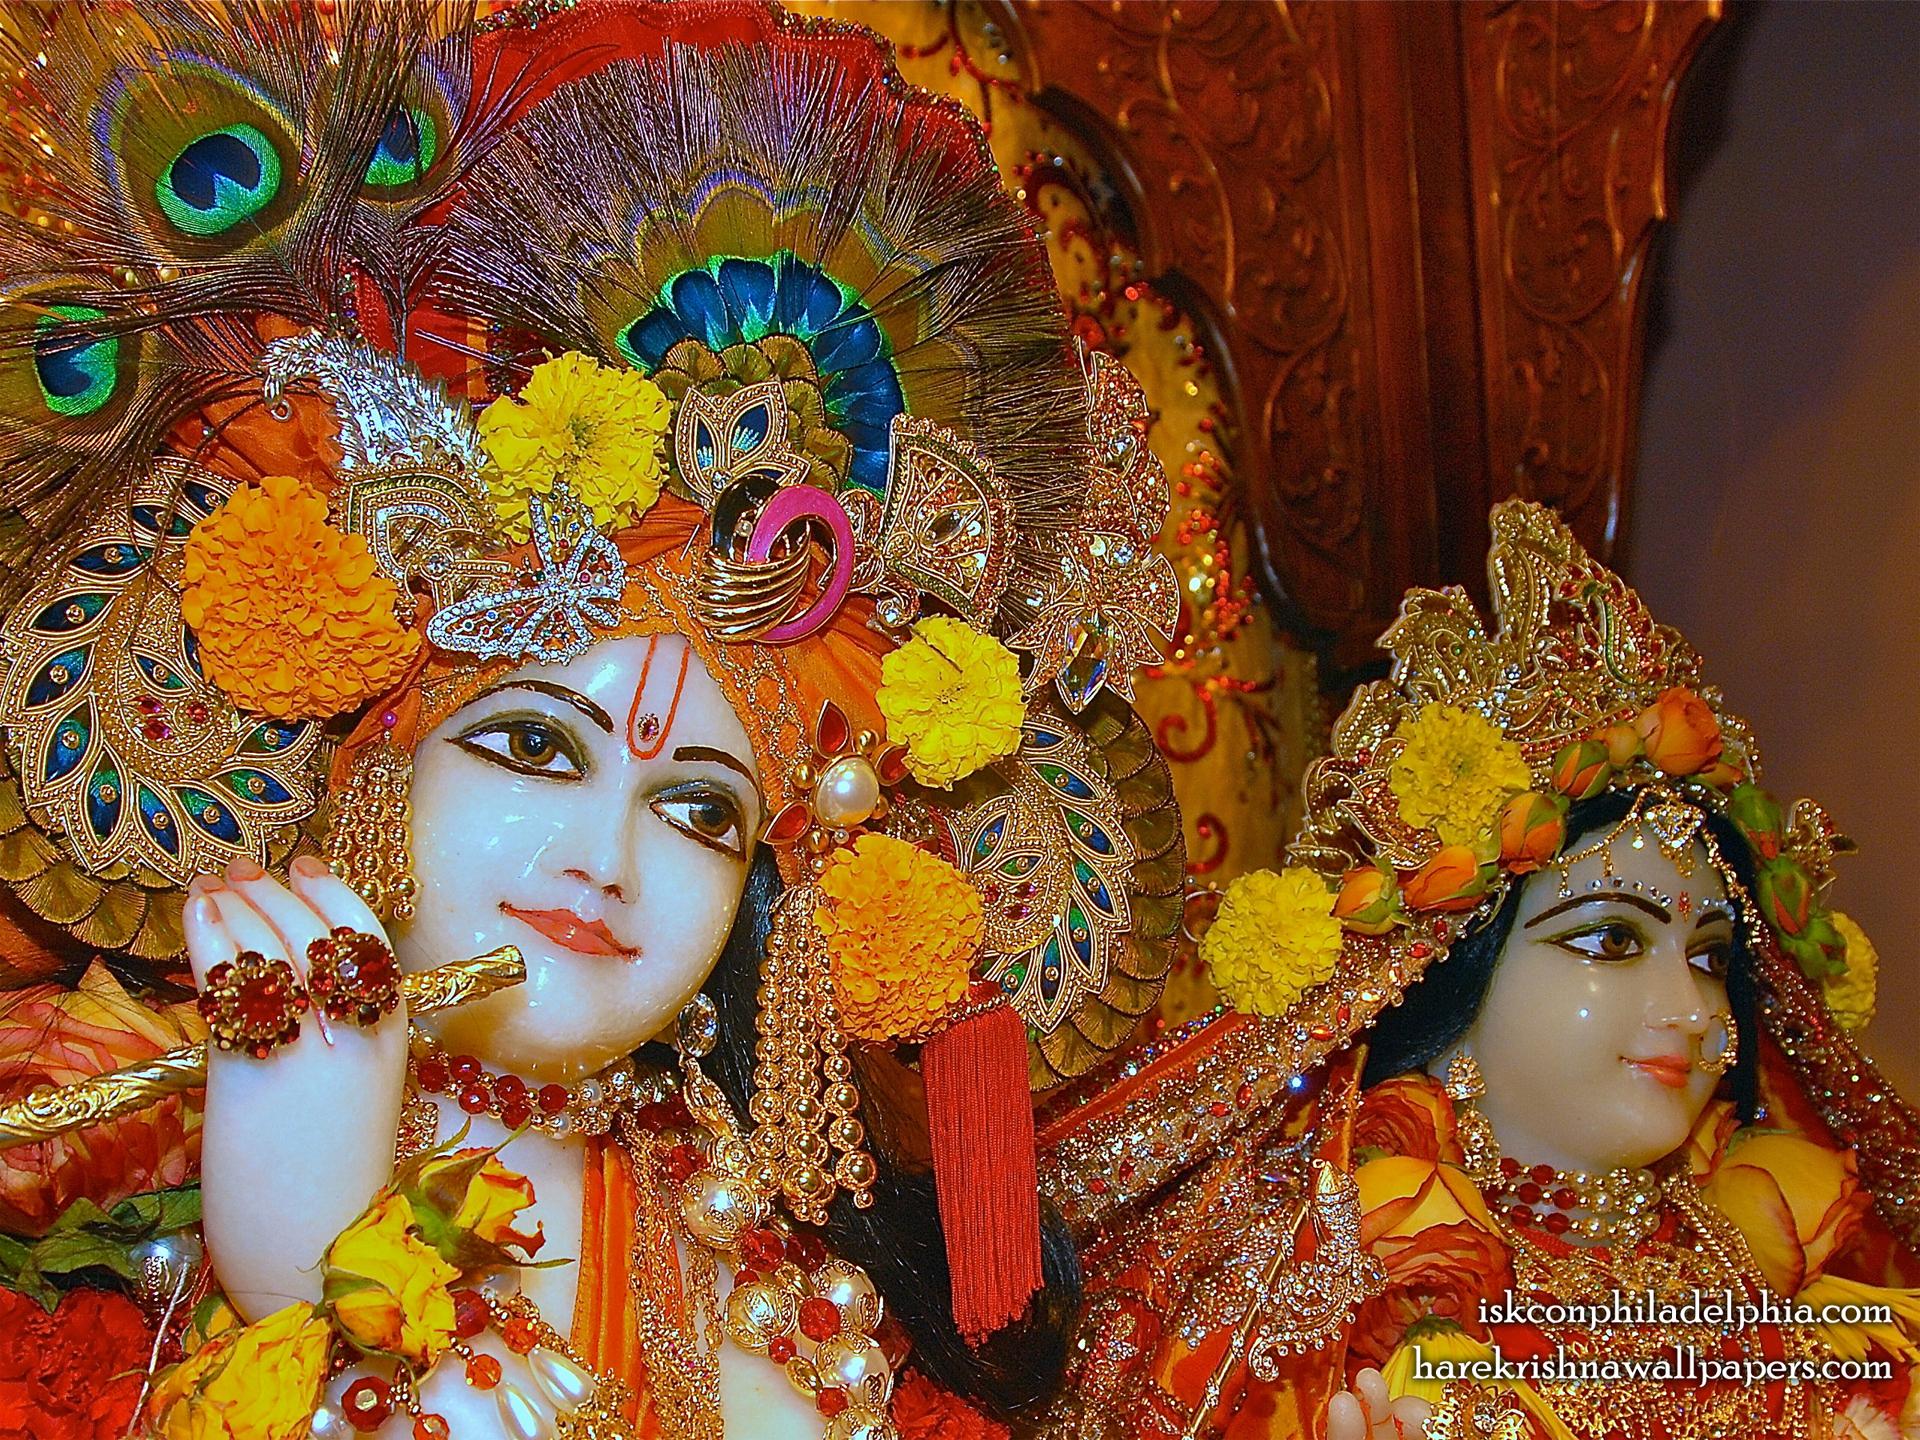 Sri Sri Radha Krishna Close up Wallpaper (008) Size 1920x1440 Download